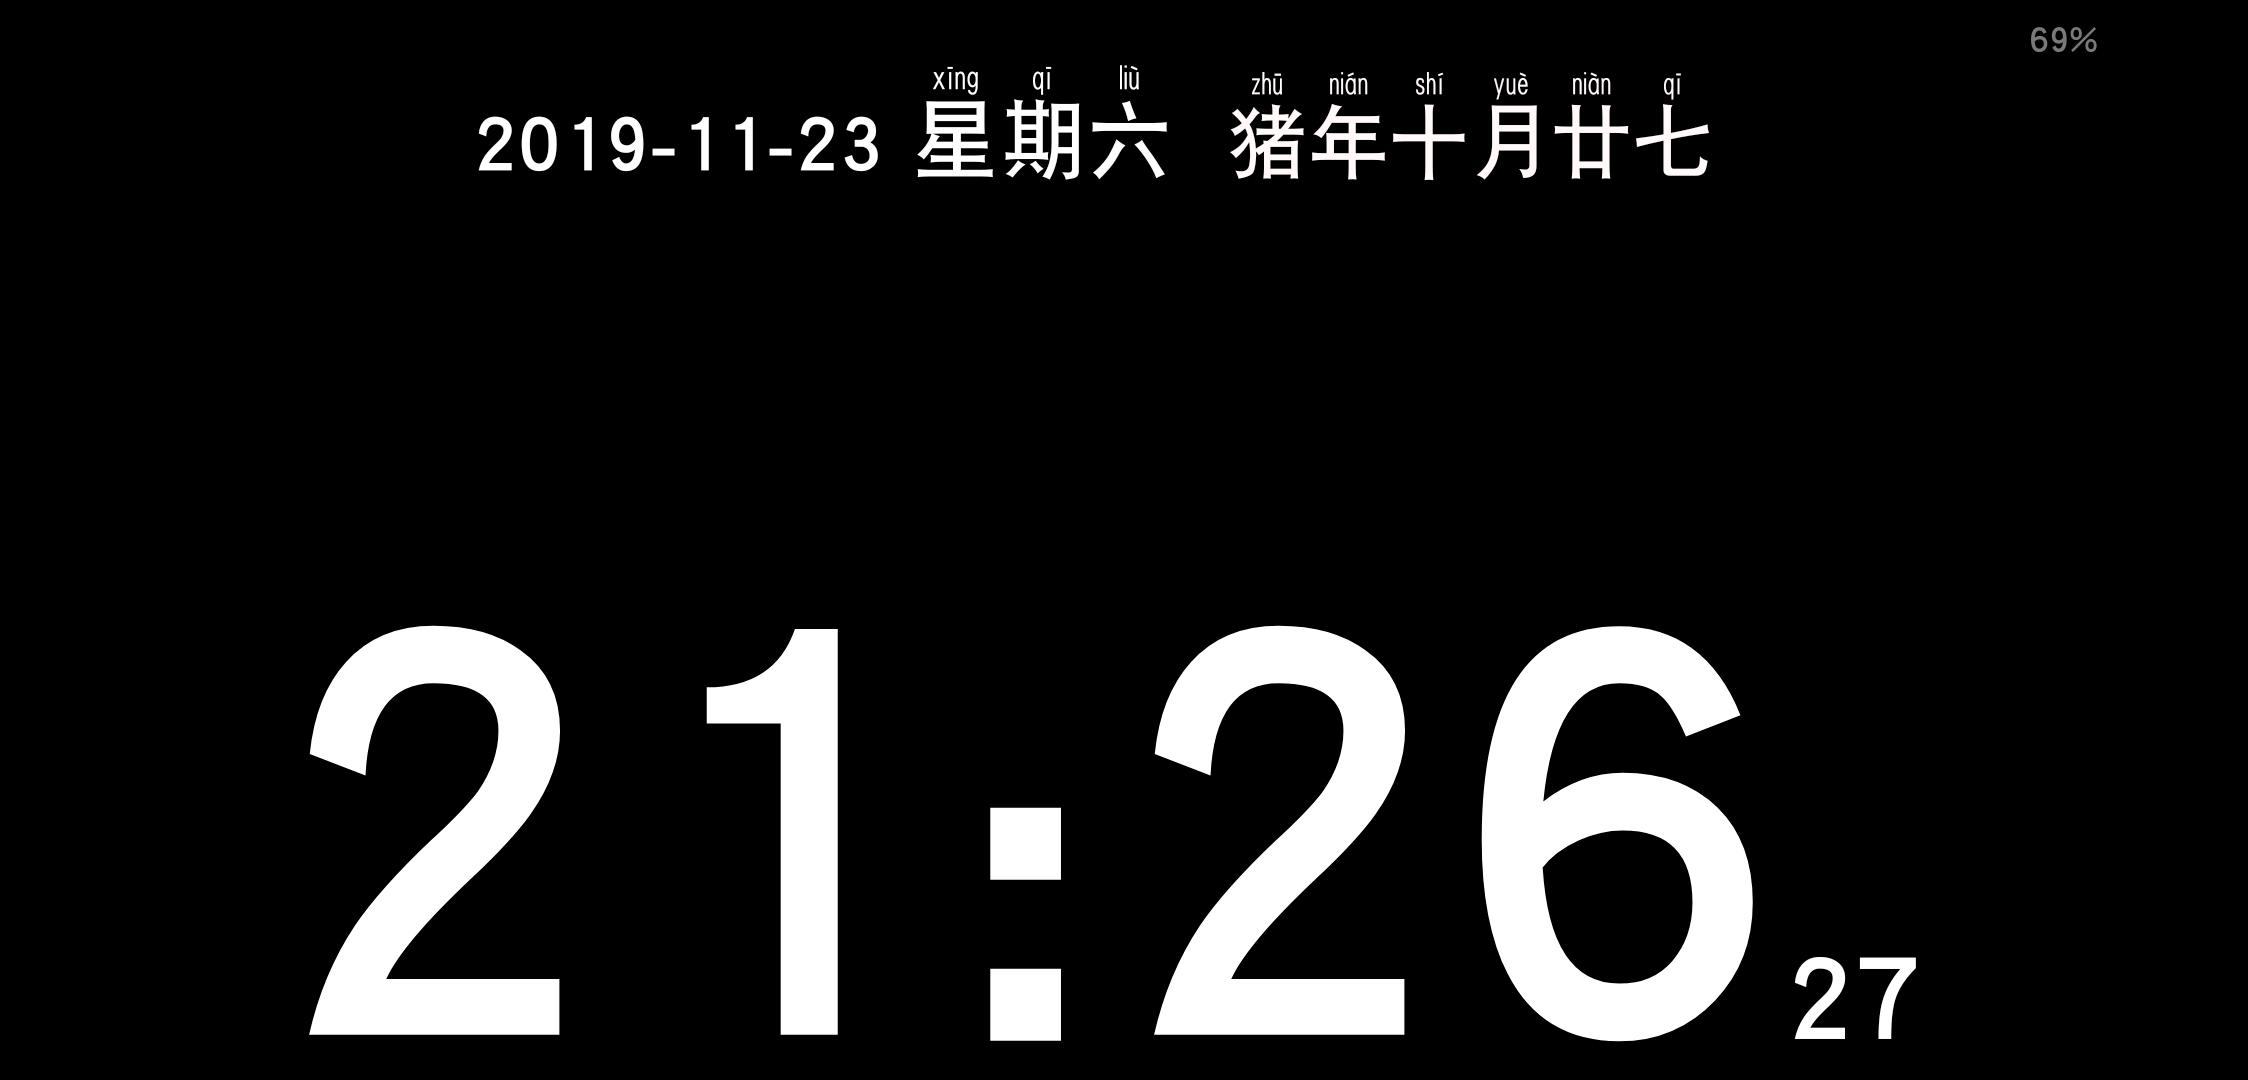 【分享】简黑时钟可作床头电子表,办公桌电子表。仅40k大小的时钟